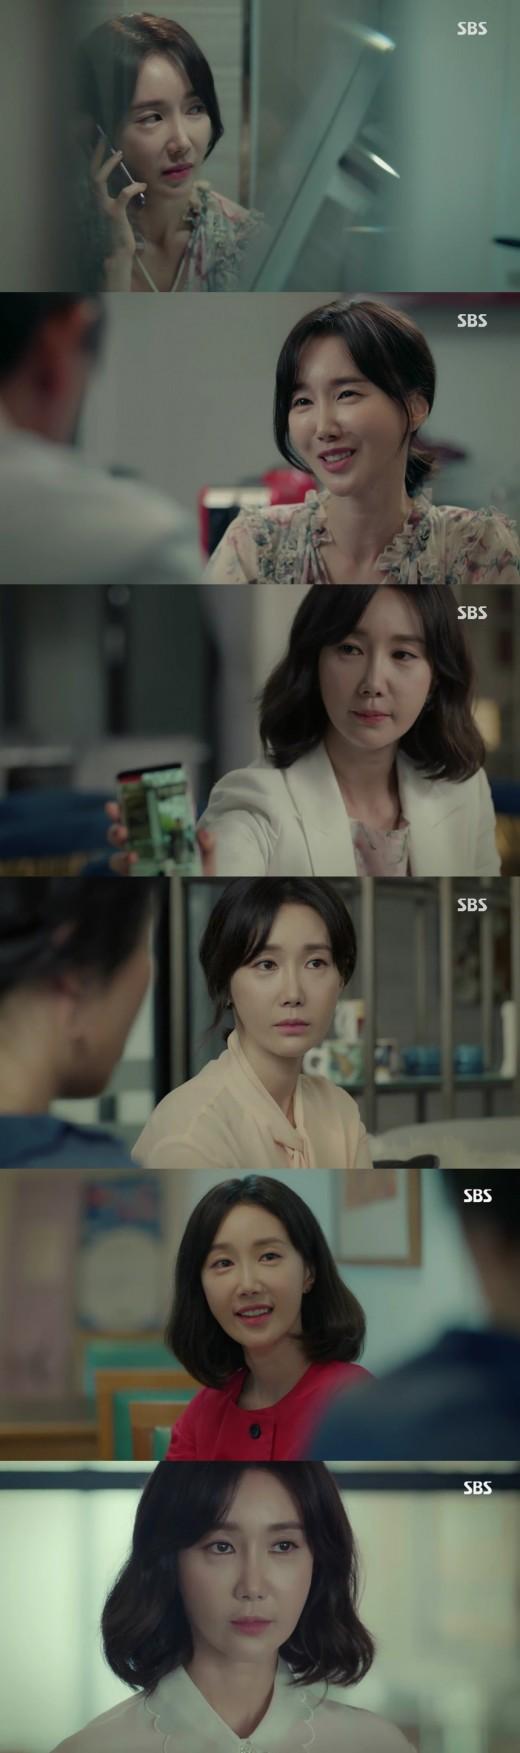 '시크릿마더' 오연아, 두 얼굴의 반전 열연…美친 존재감